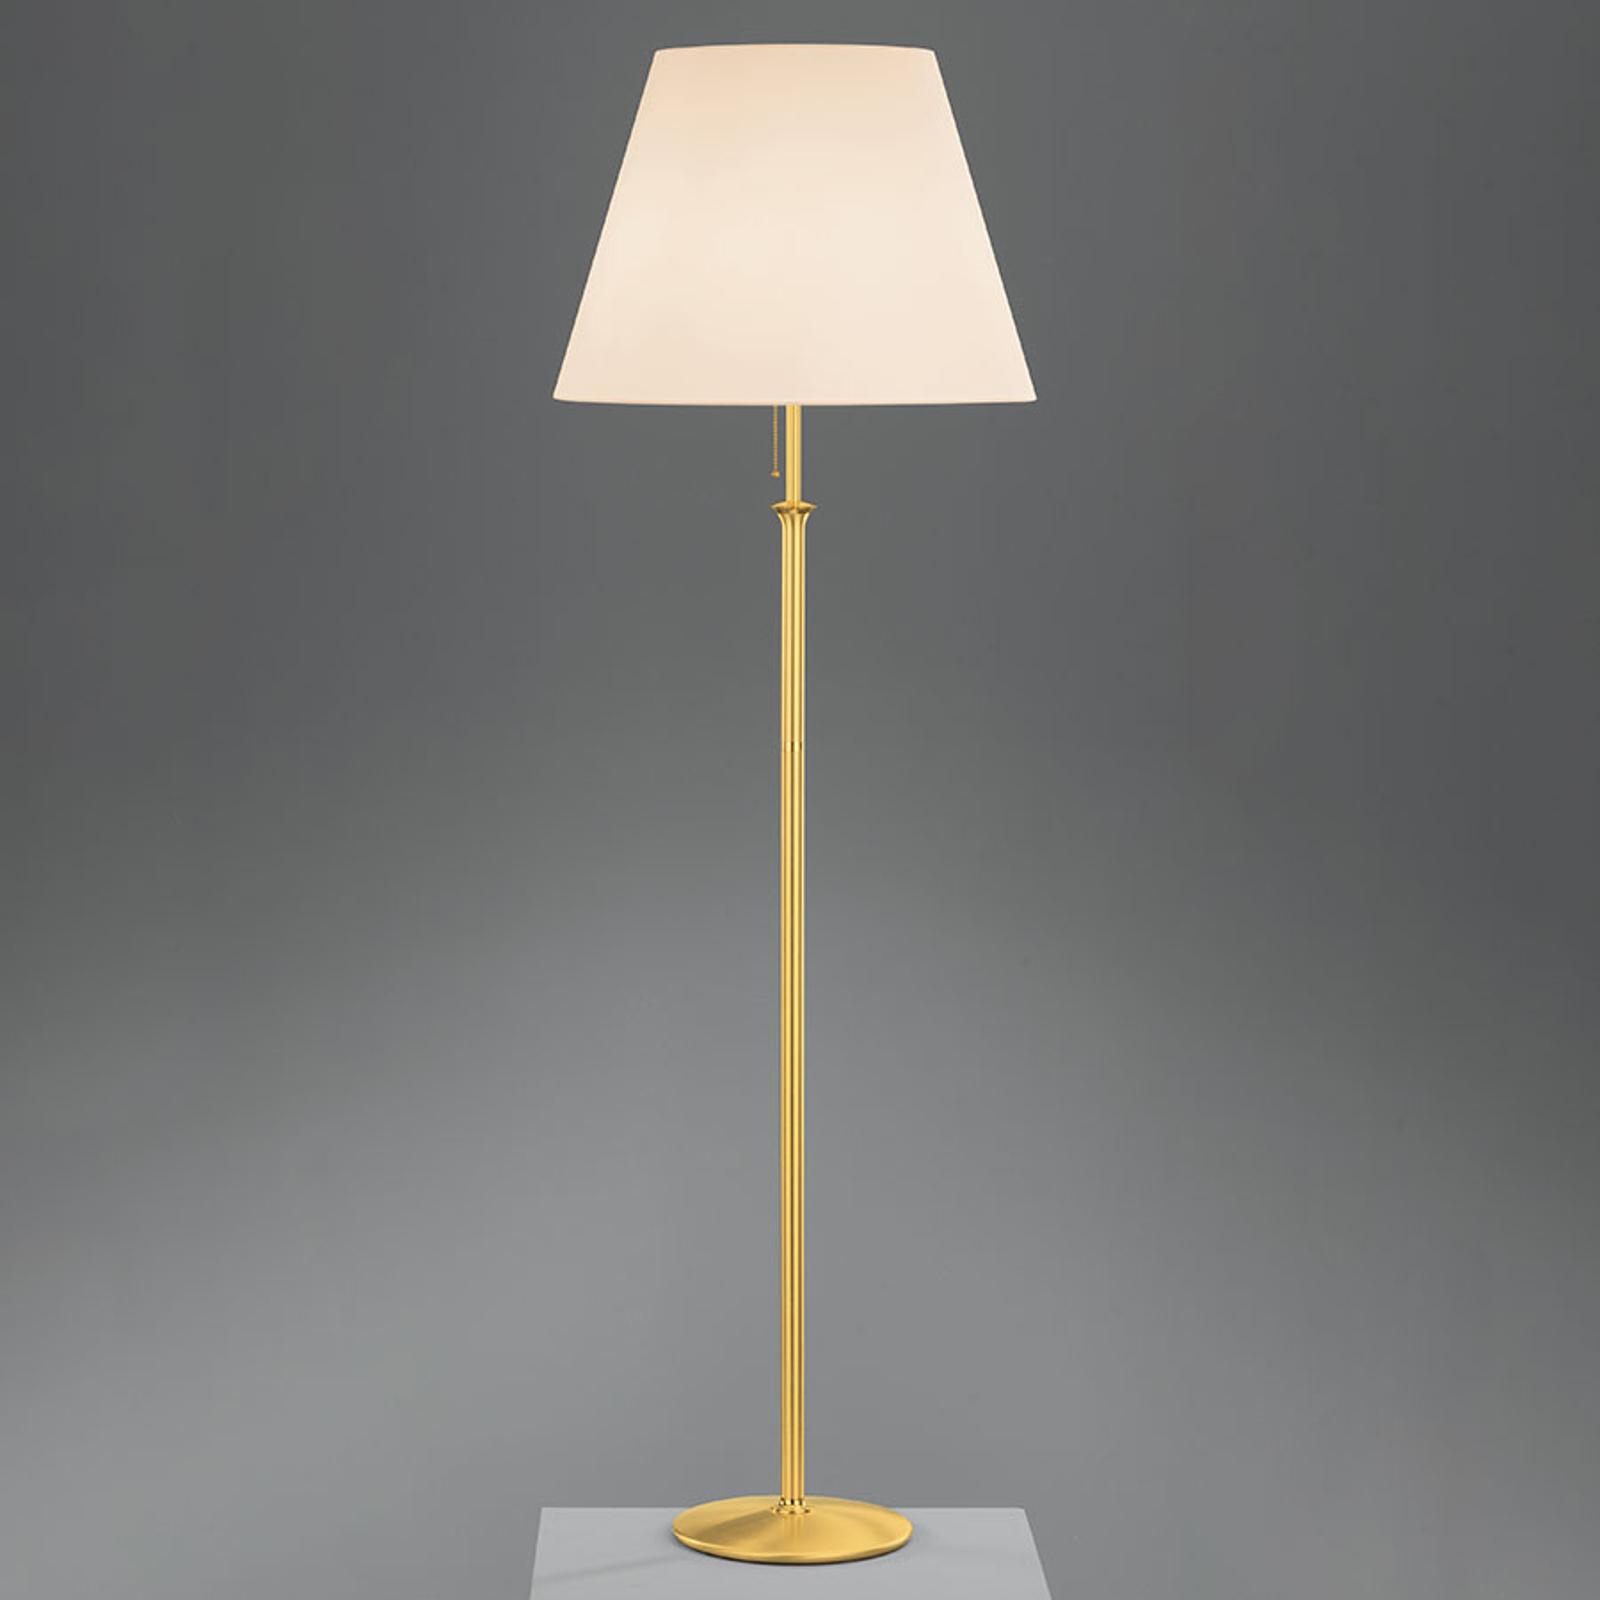 Lampadaire Royce avec lampe de plafond crème